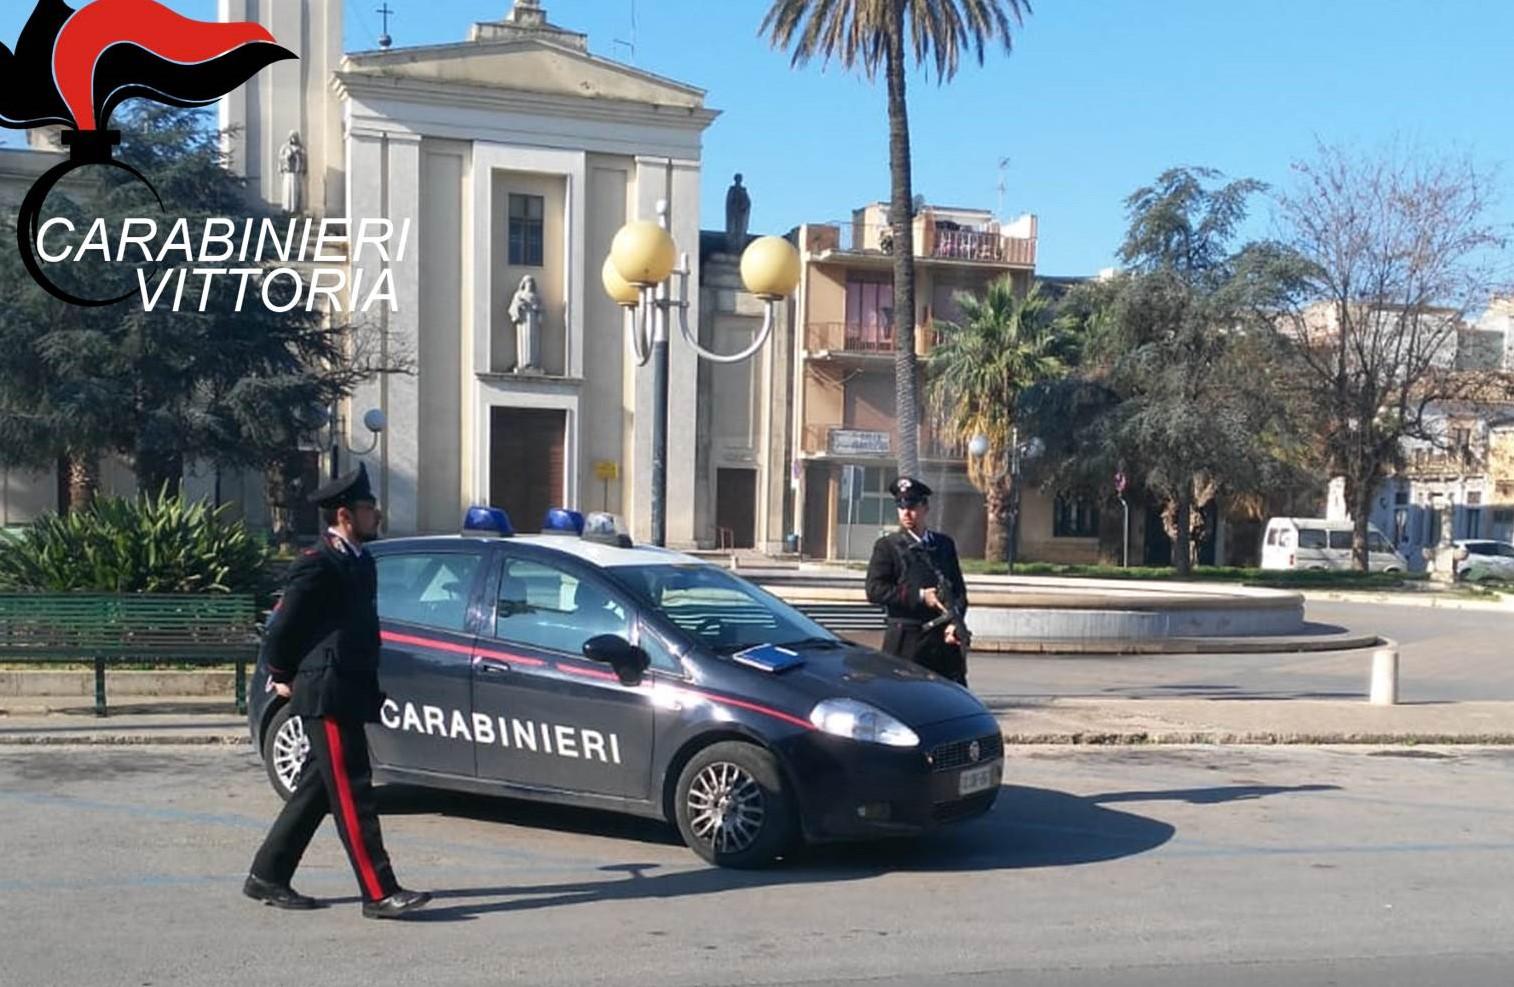 Carabinieri, controlli straordinari nell'Ipparino: scattano due arresti